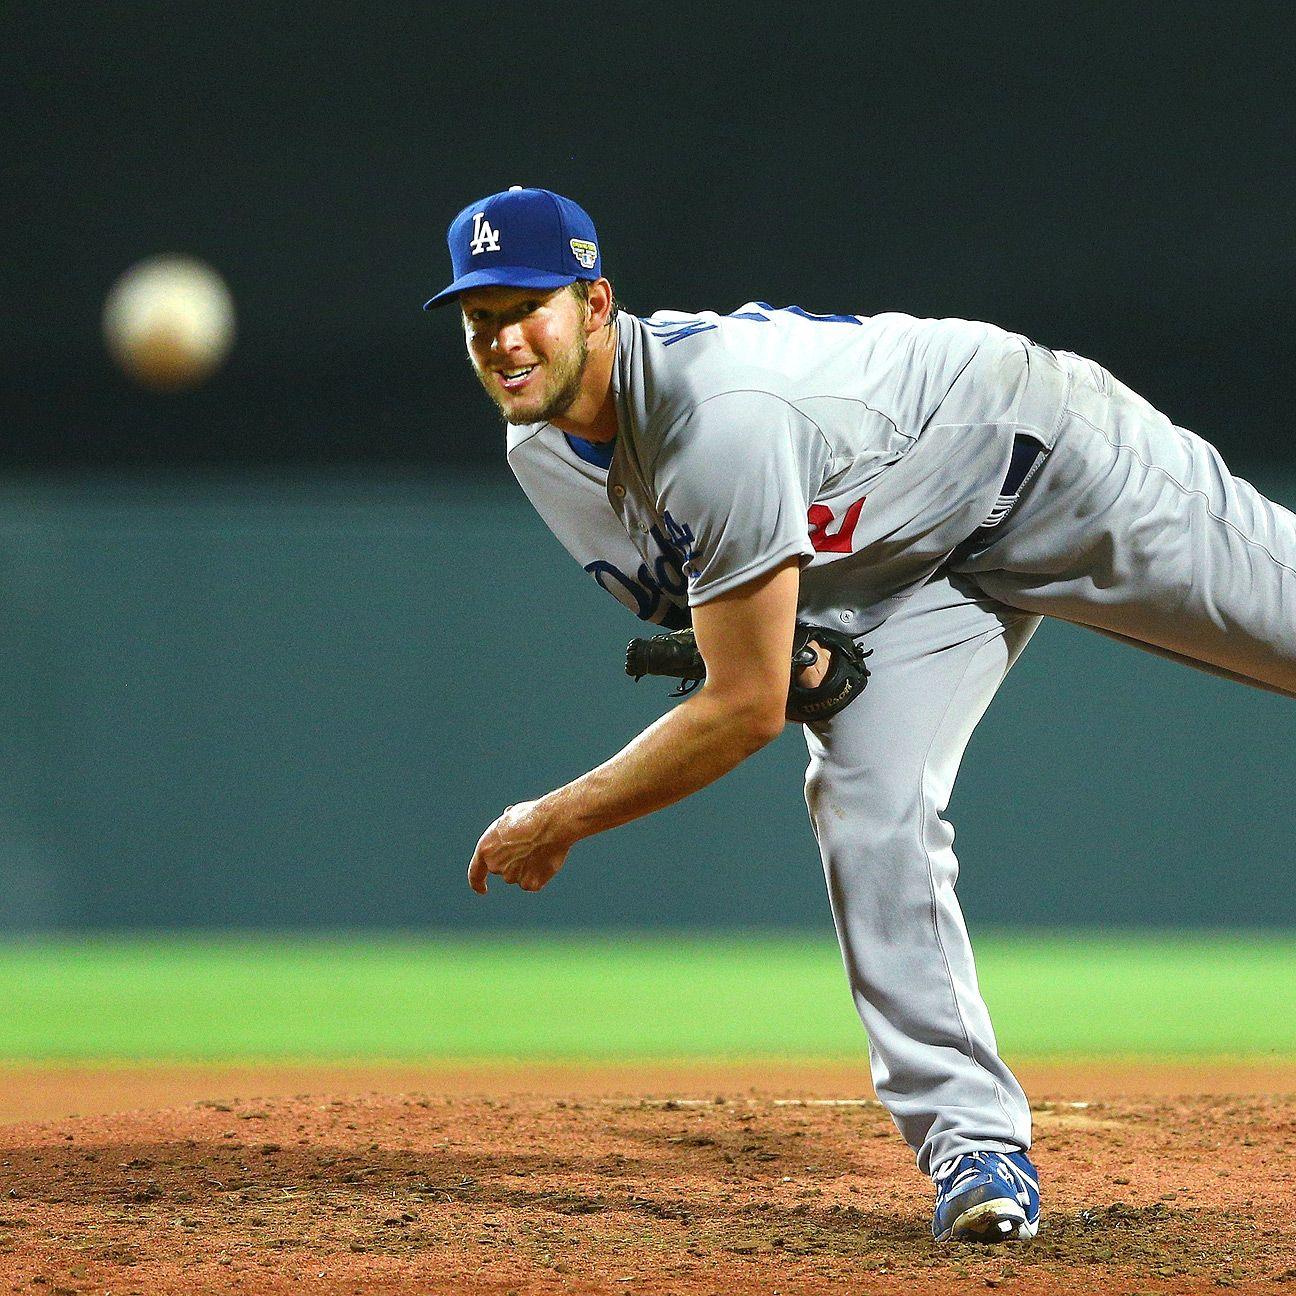 mlb baseball odds 2014